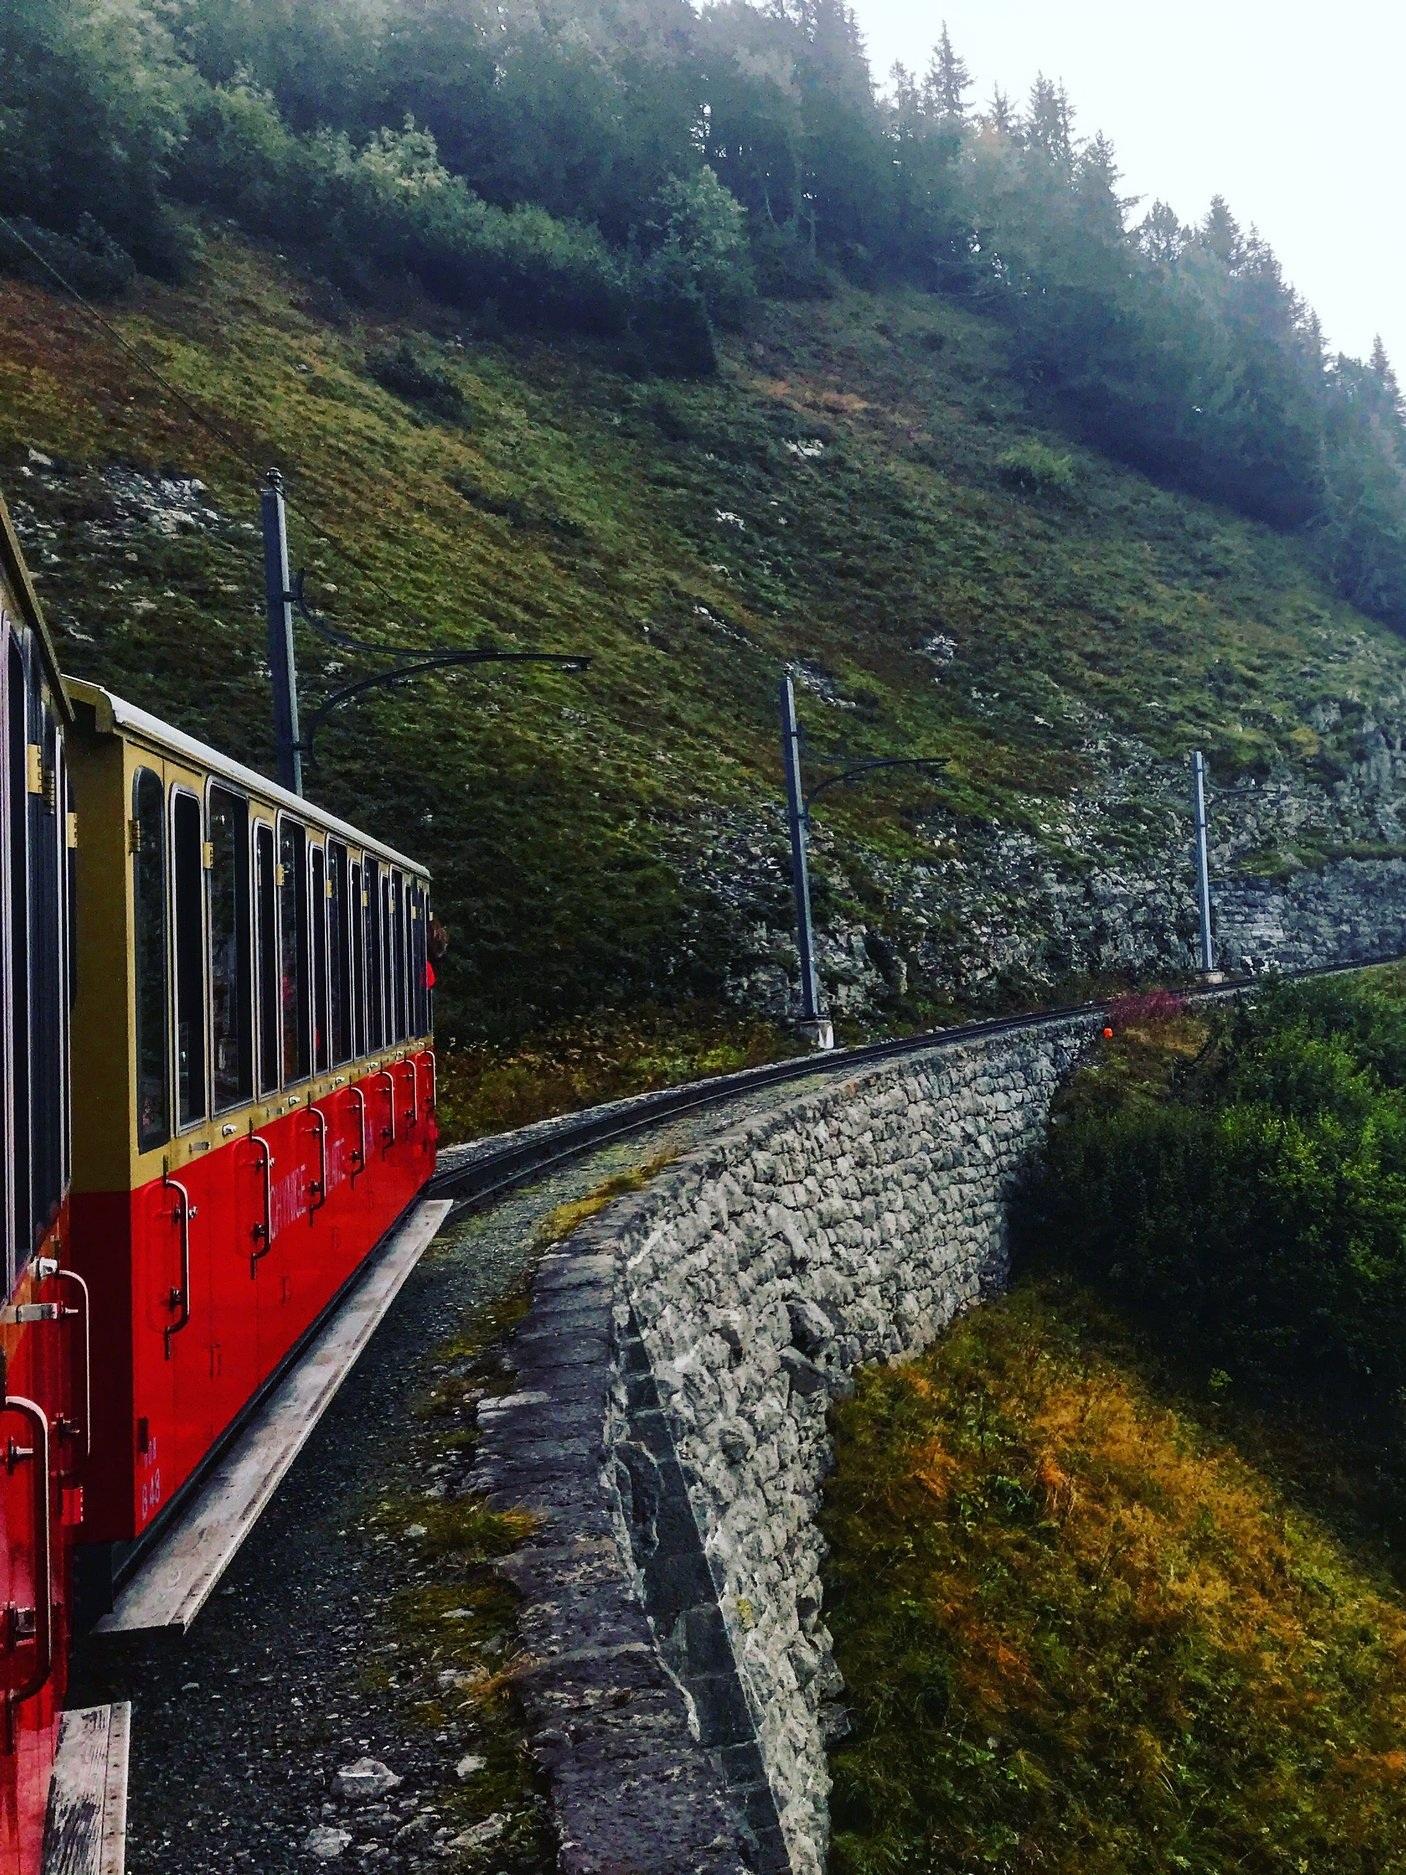 Mountain train up to Schynige Platte in the Jungfrau region